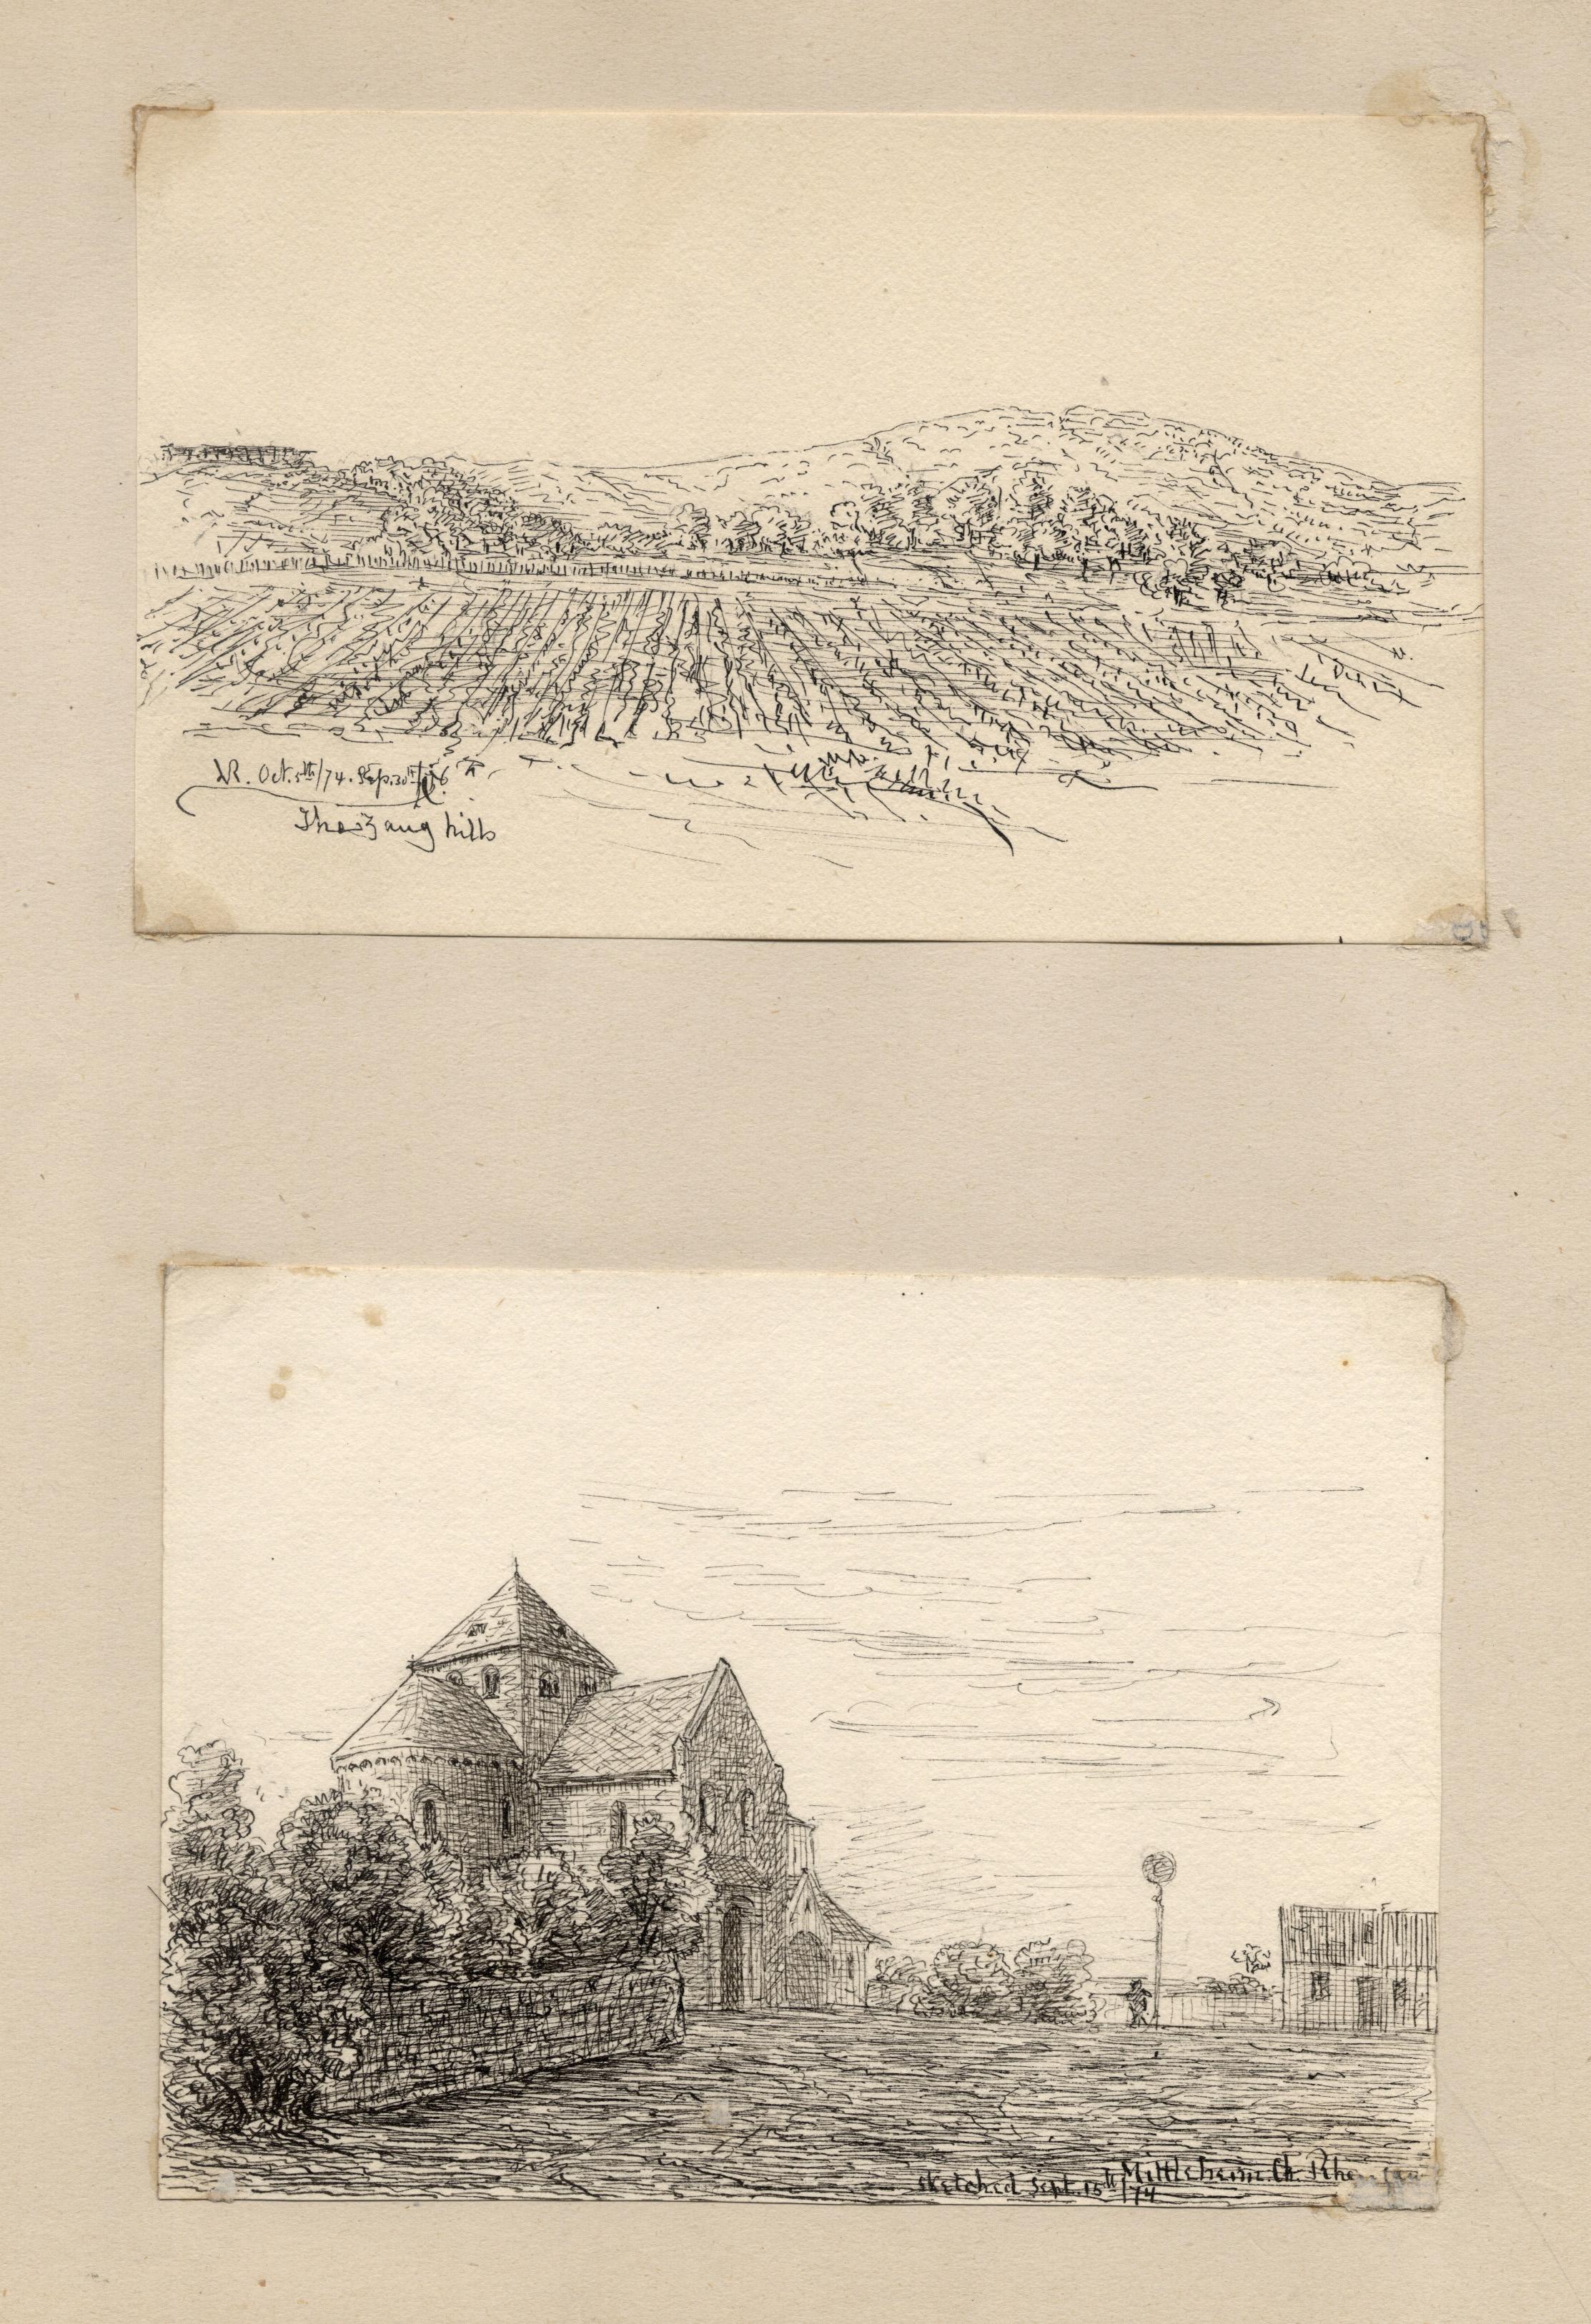 TA., Kirche mit Platz; Landschafts-Skizze aus der: Oestrich - Winkel: